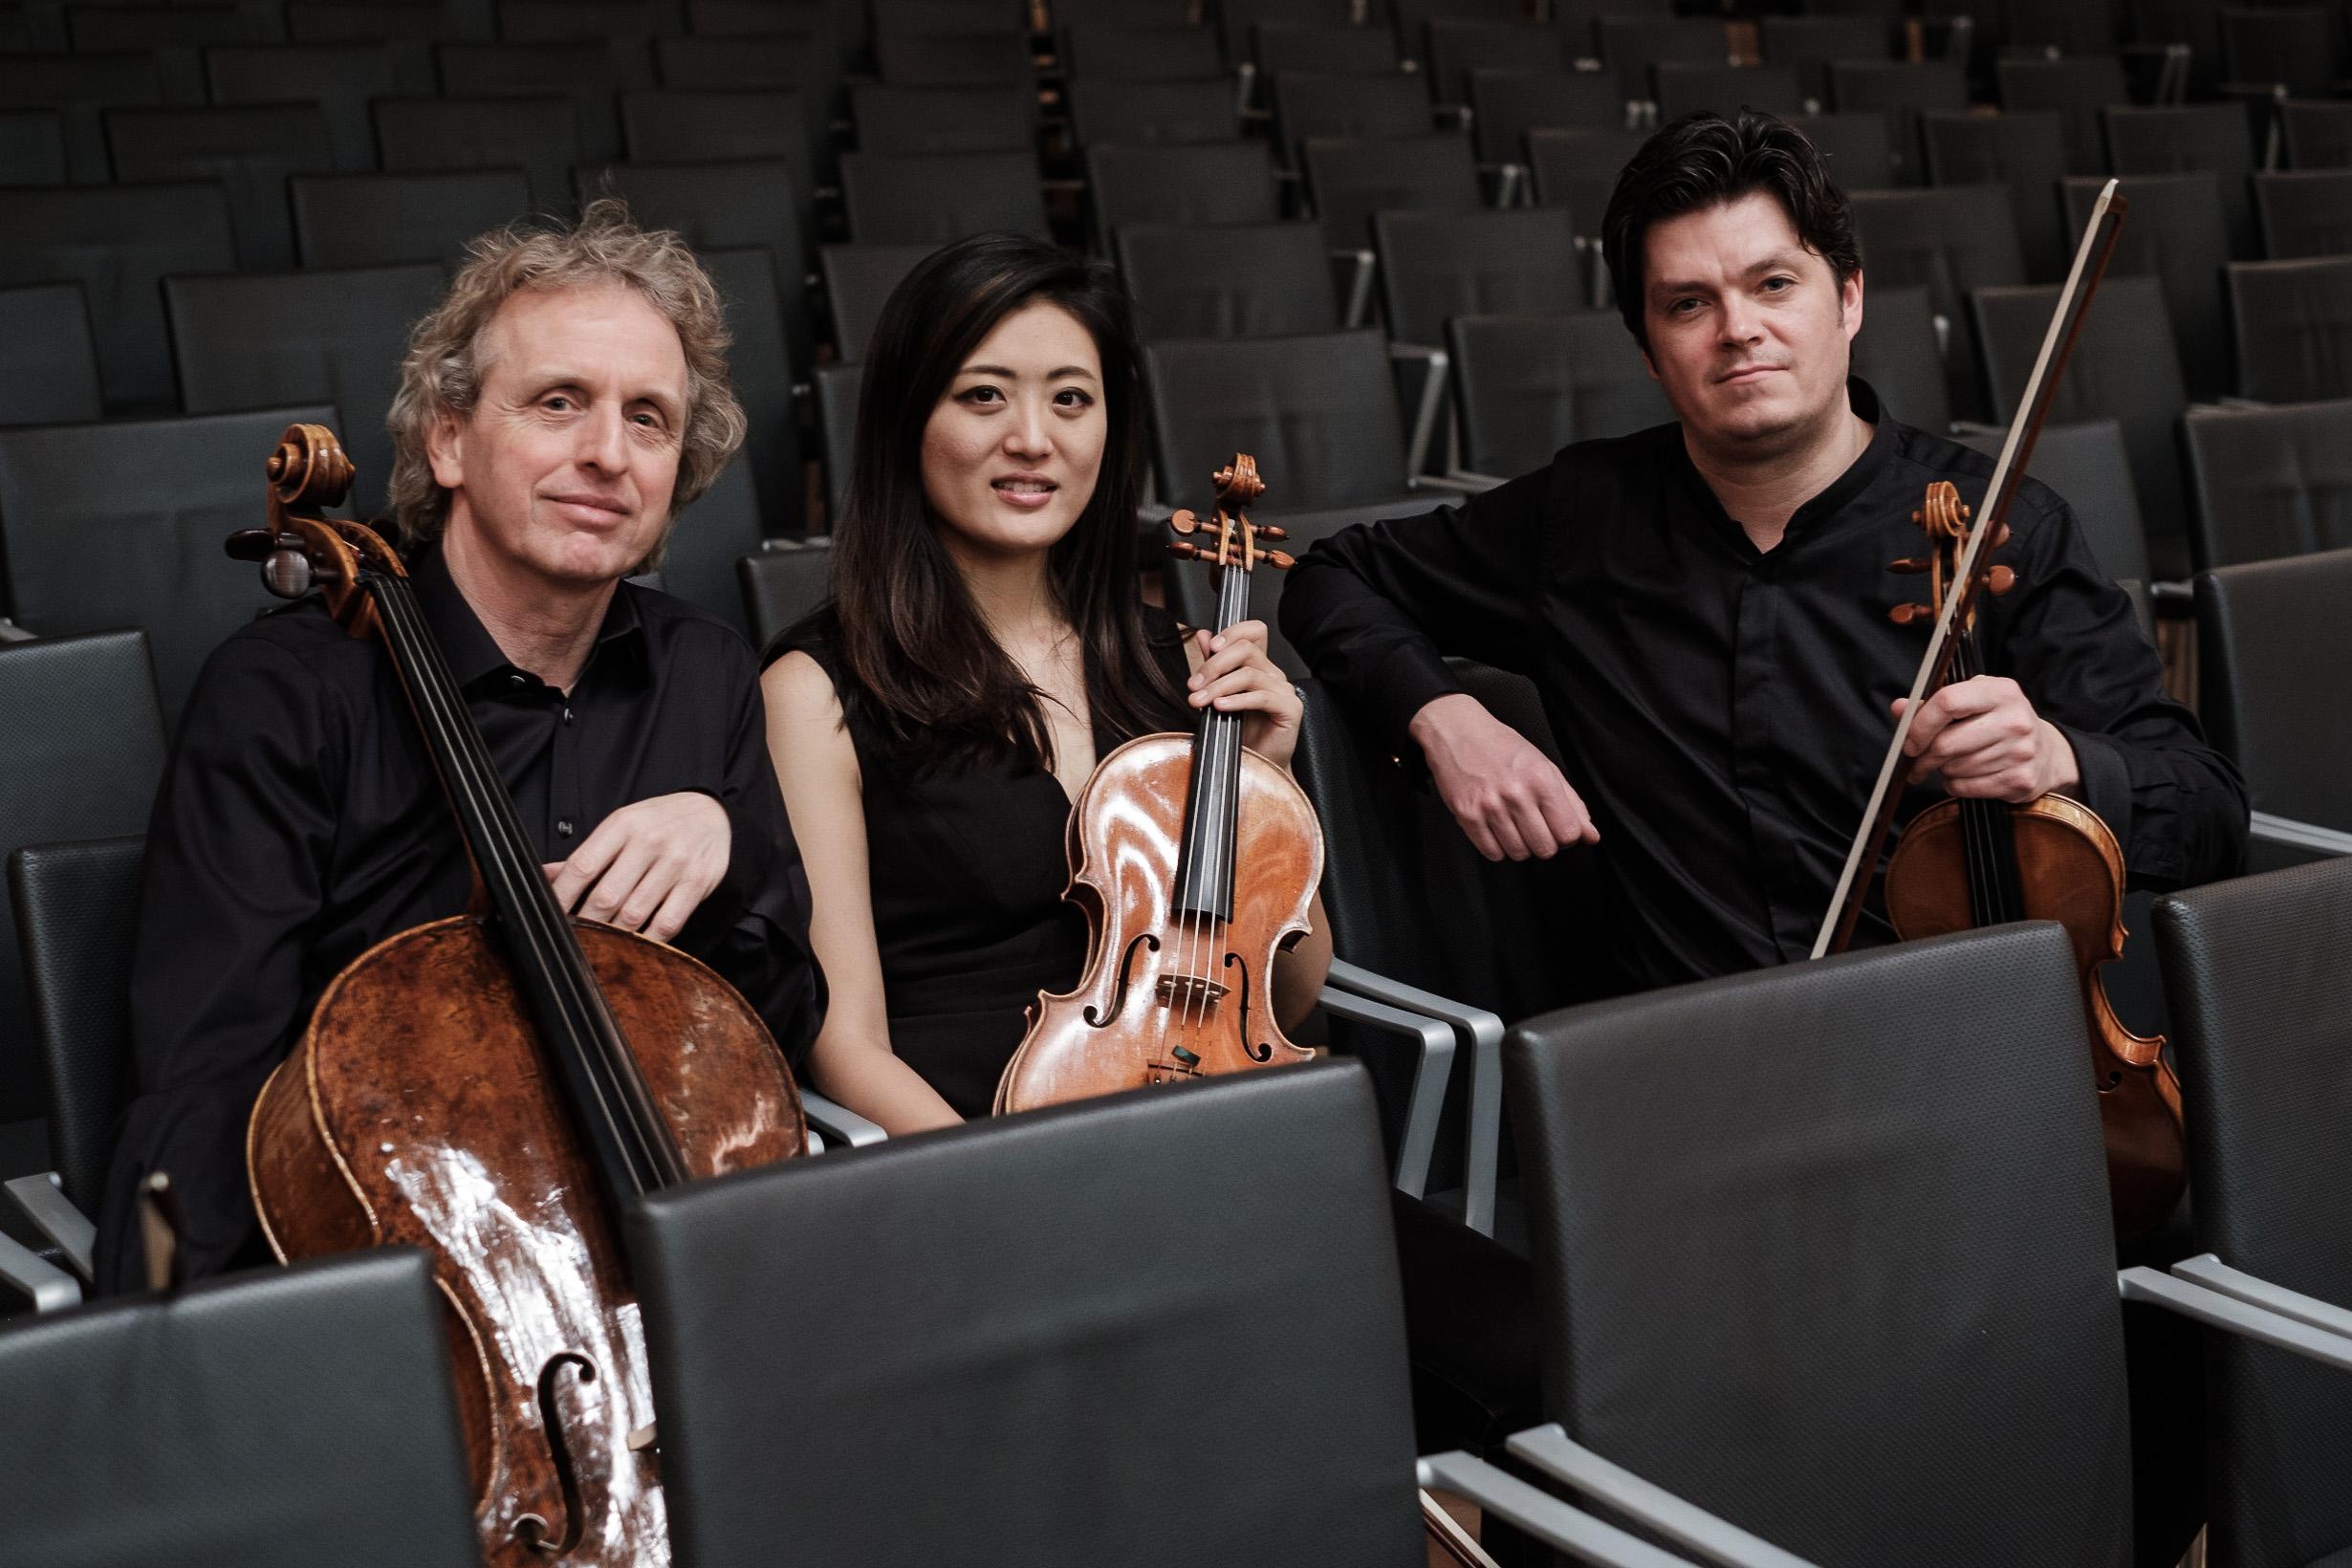 Sonos Trio Kammermusik Streichtrio Mozart Haydn Matthias Bruns Wolfgang Schindler Probespielvorbereitung Coaching Violine Unterricht